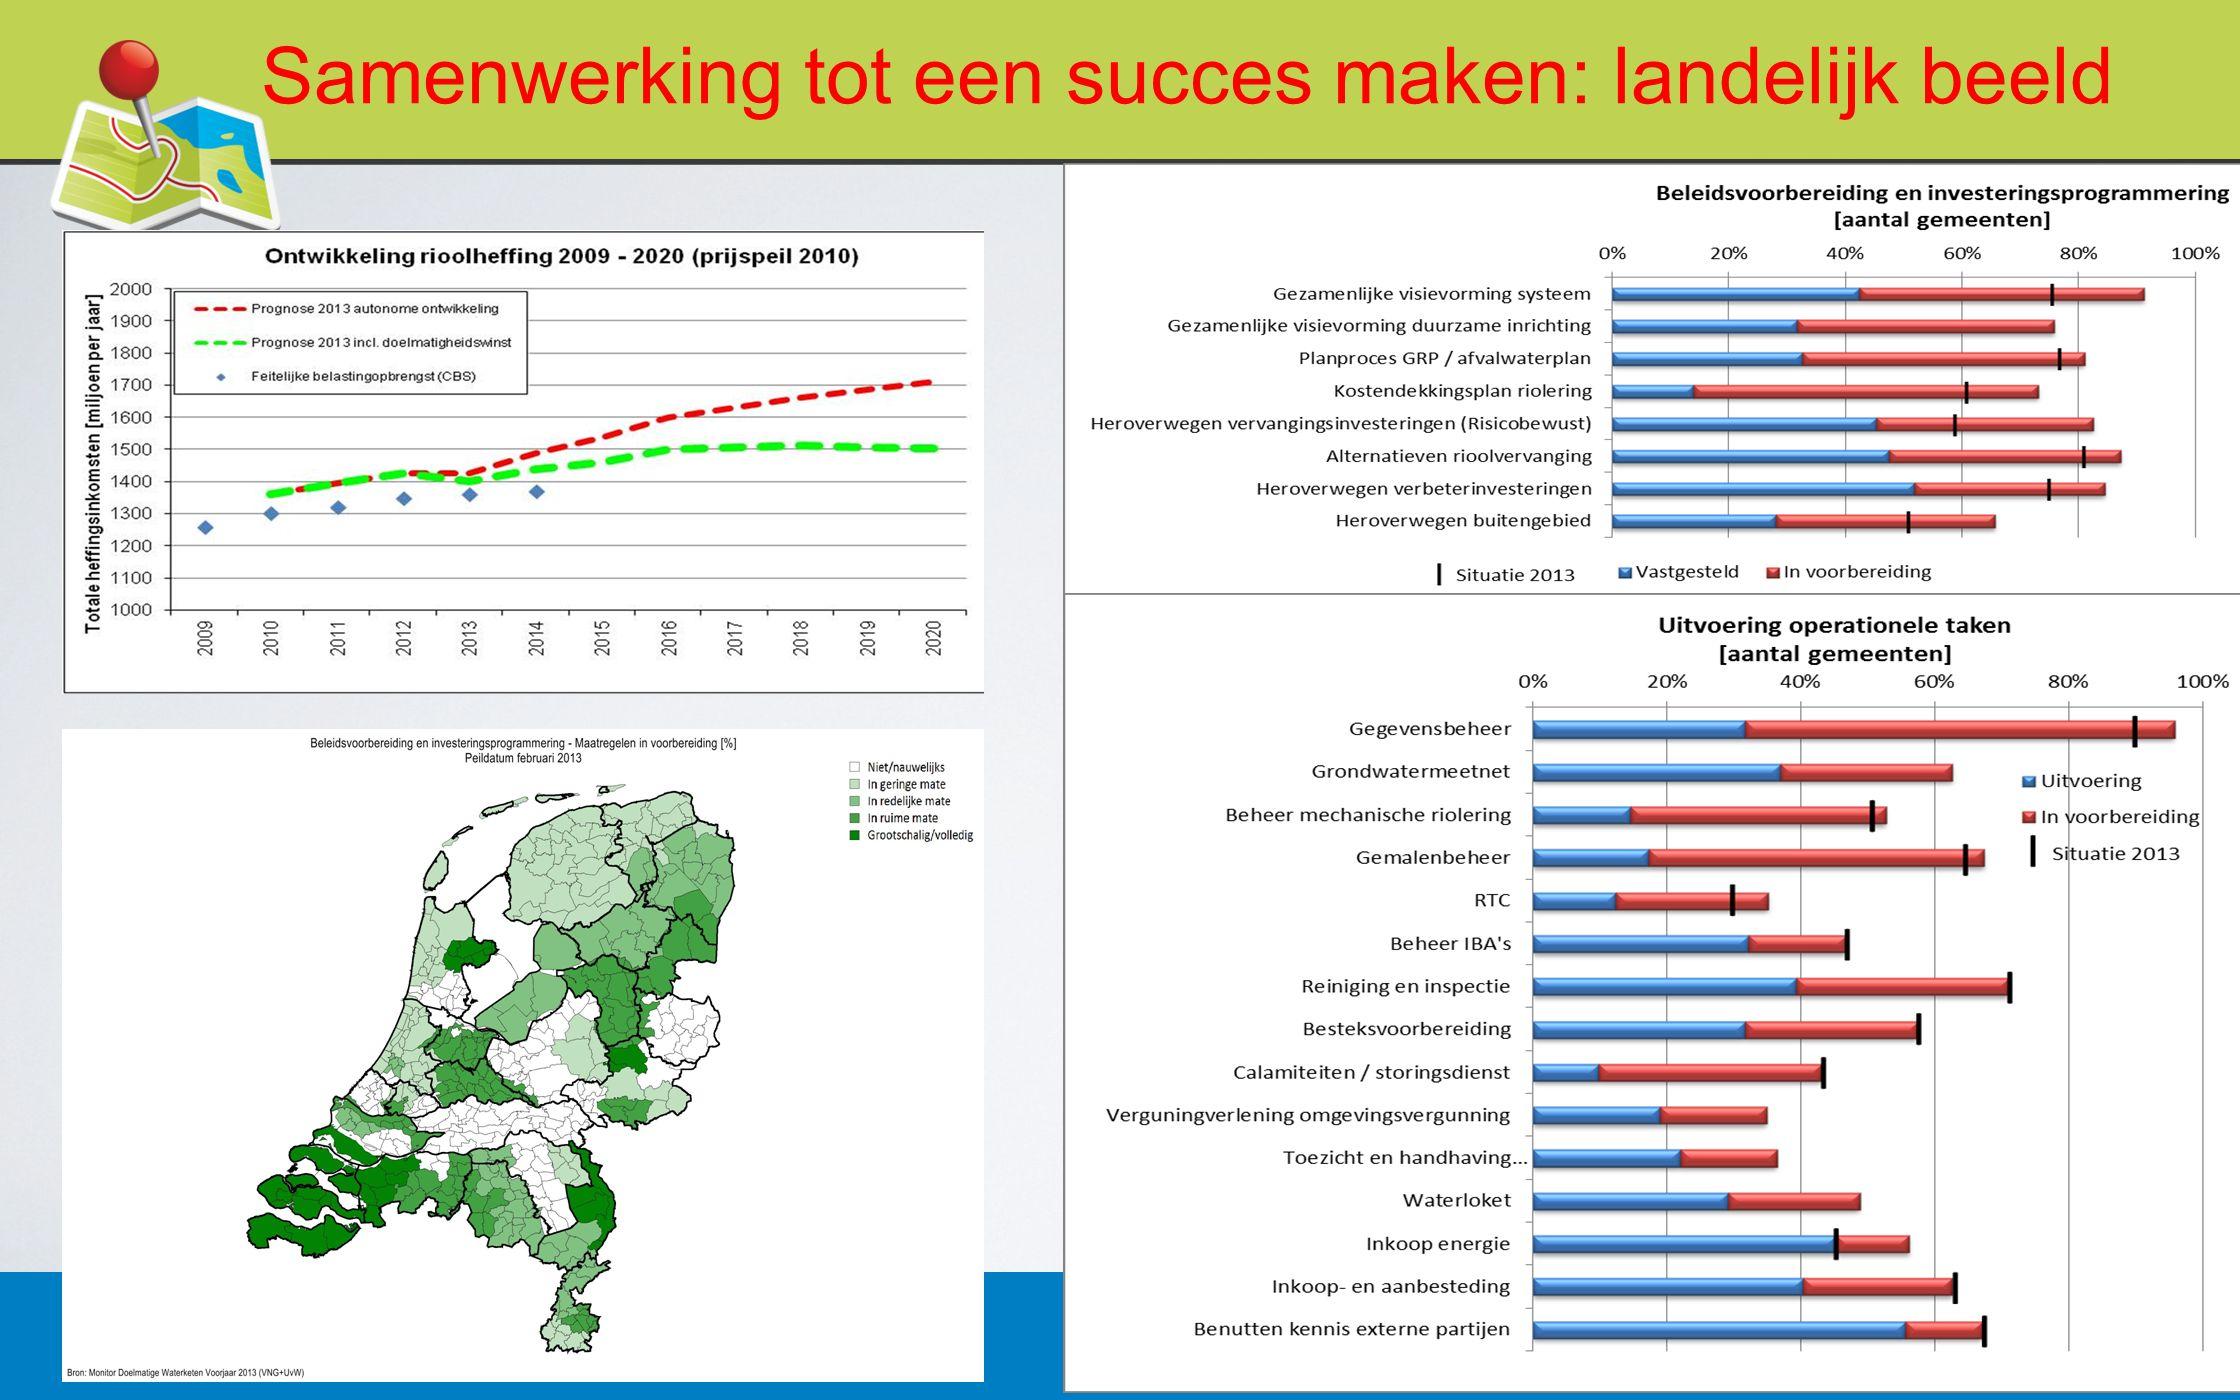 Samenwerking tot een succes maken: landelijk beeld